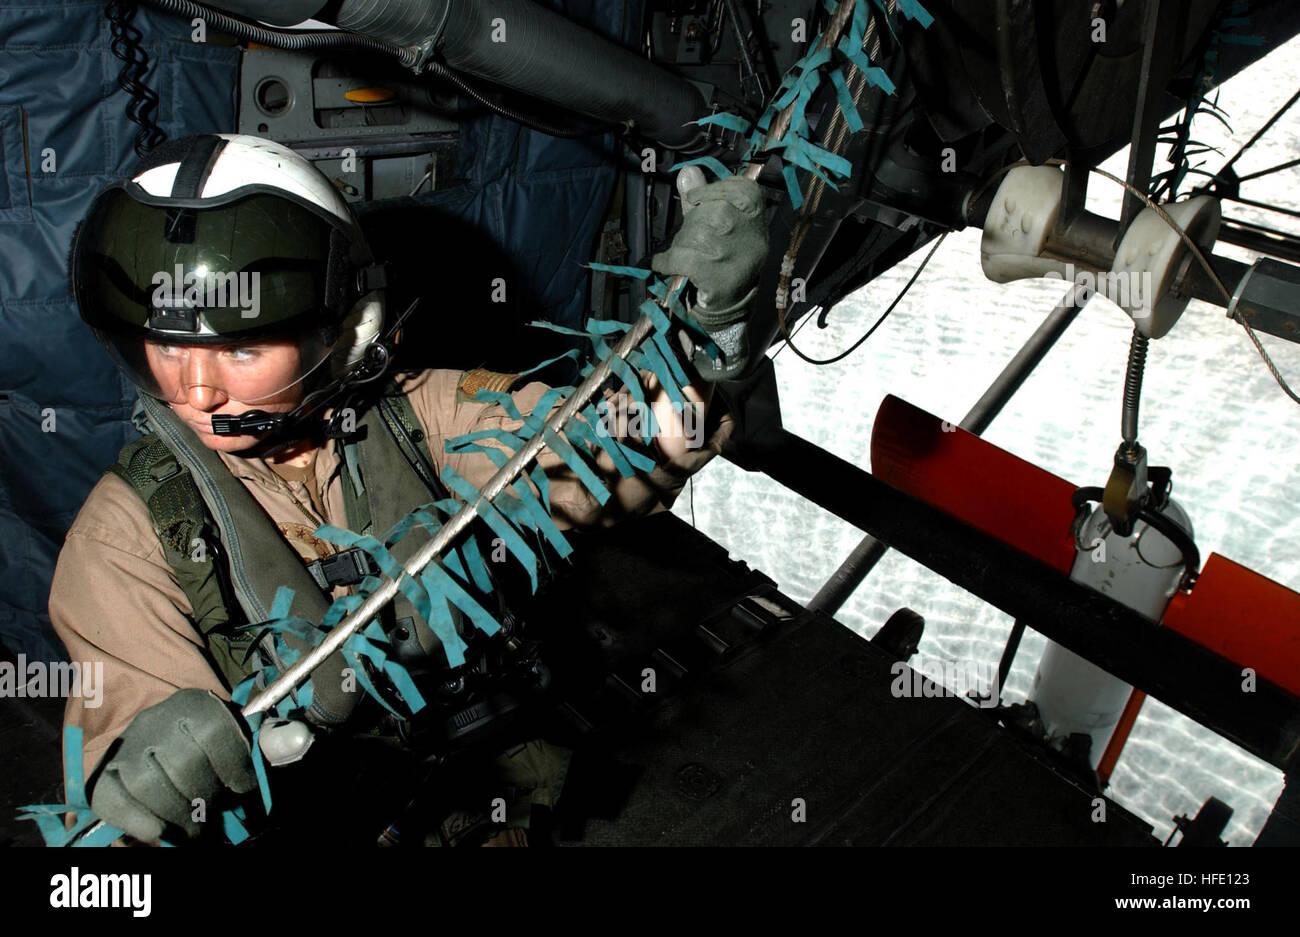 040618-N-7586B-010 Bahrein (Jun. 19, 2004) - Aviation Electronics Technician Cassie Gibson saca el cable de remolque de un/AQS-14 Unidad sumergible de detección de minas desde la rampa de un dragón marino MH-53 helicóptero asignado al 'Blackhawks' de Mina escuadrón de helicópteros contramedidas uno cinco (HM-15) durante la remoción de misiones de caza como parte de un ejercicio bilateral en la quinta flota teatro. El ejercicio probado un número o zonas de guerra, comprenden la remoción de contrarrestar las medidas anti-aire, superficie y submarinos, electrónicos y de desactivación de artefactos explosivos. Navy photo by Mate del fotógrafo de primera clase, Bart A. Bau Foto de stock